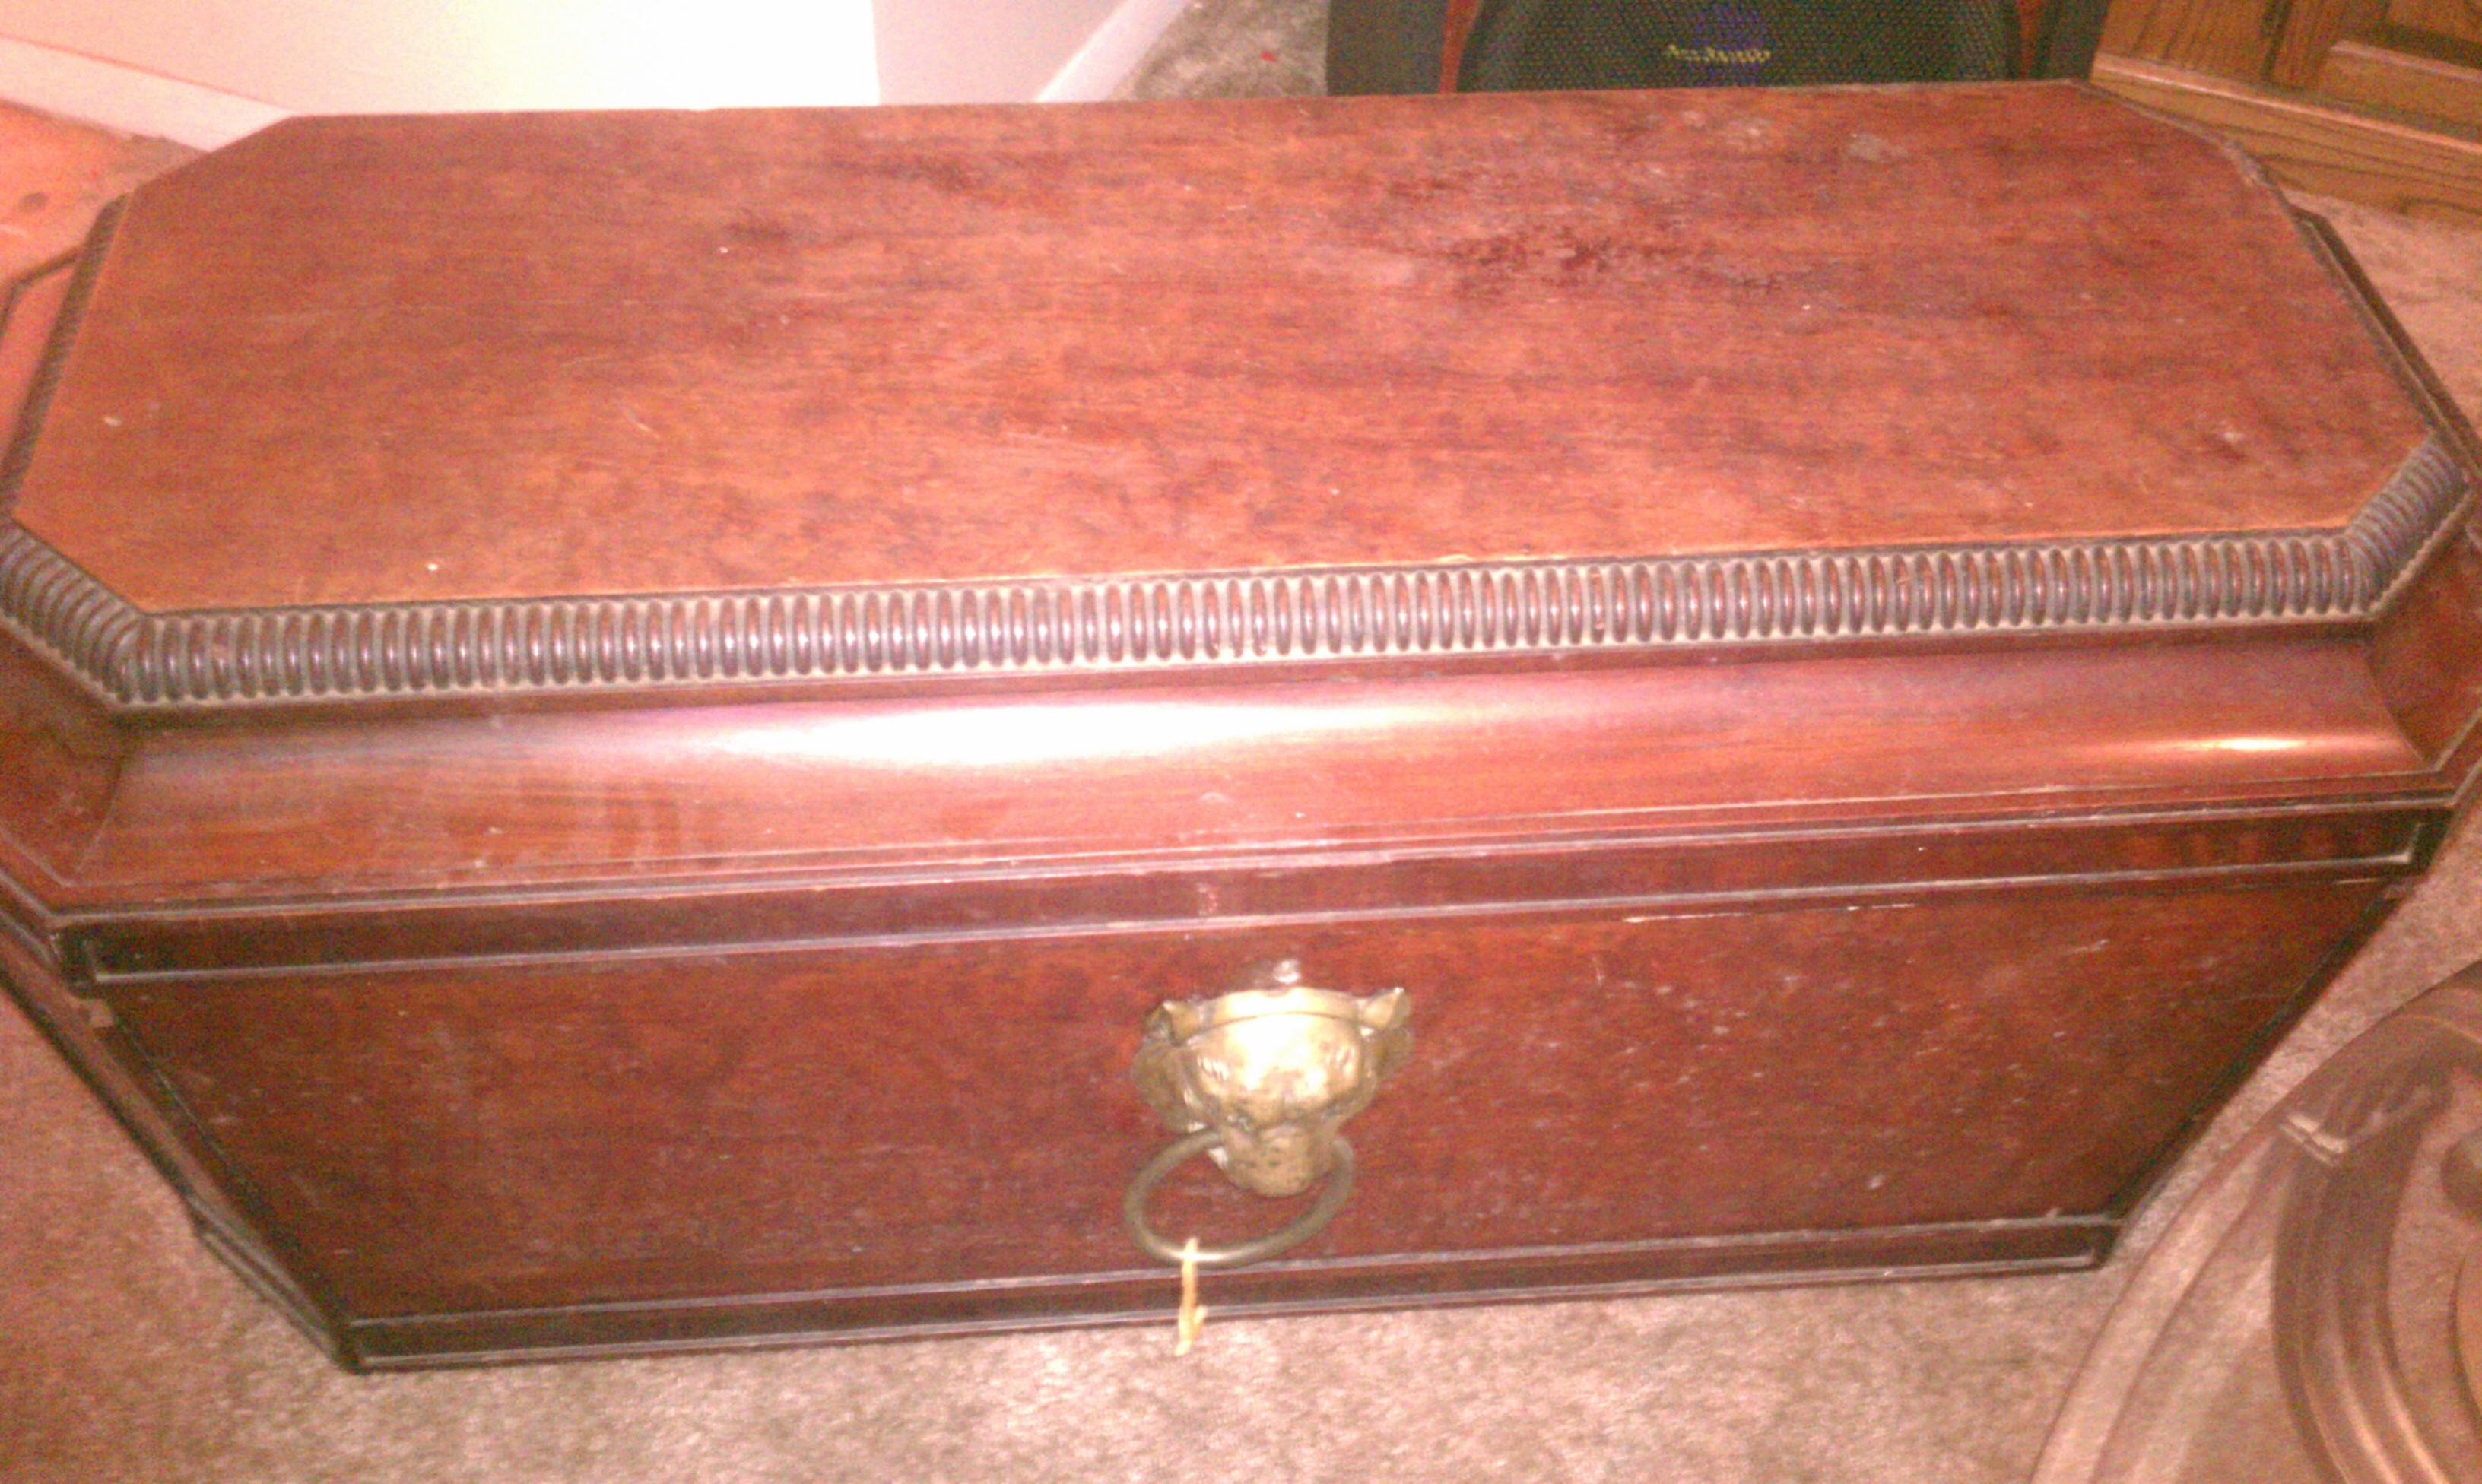 Antique Wooden Bathtub Appraisal